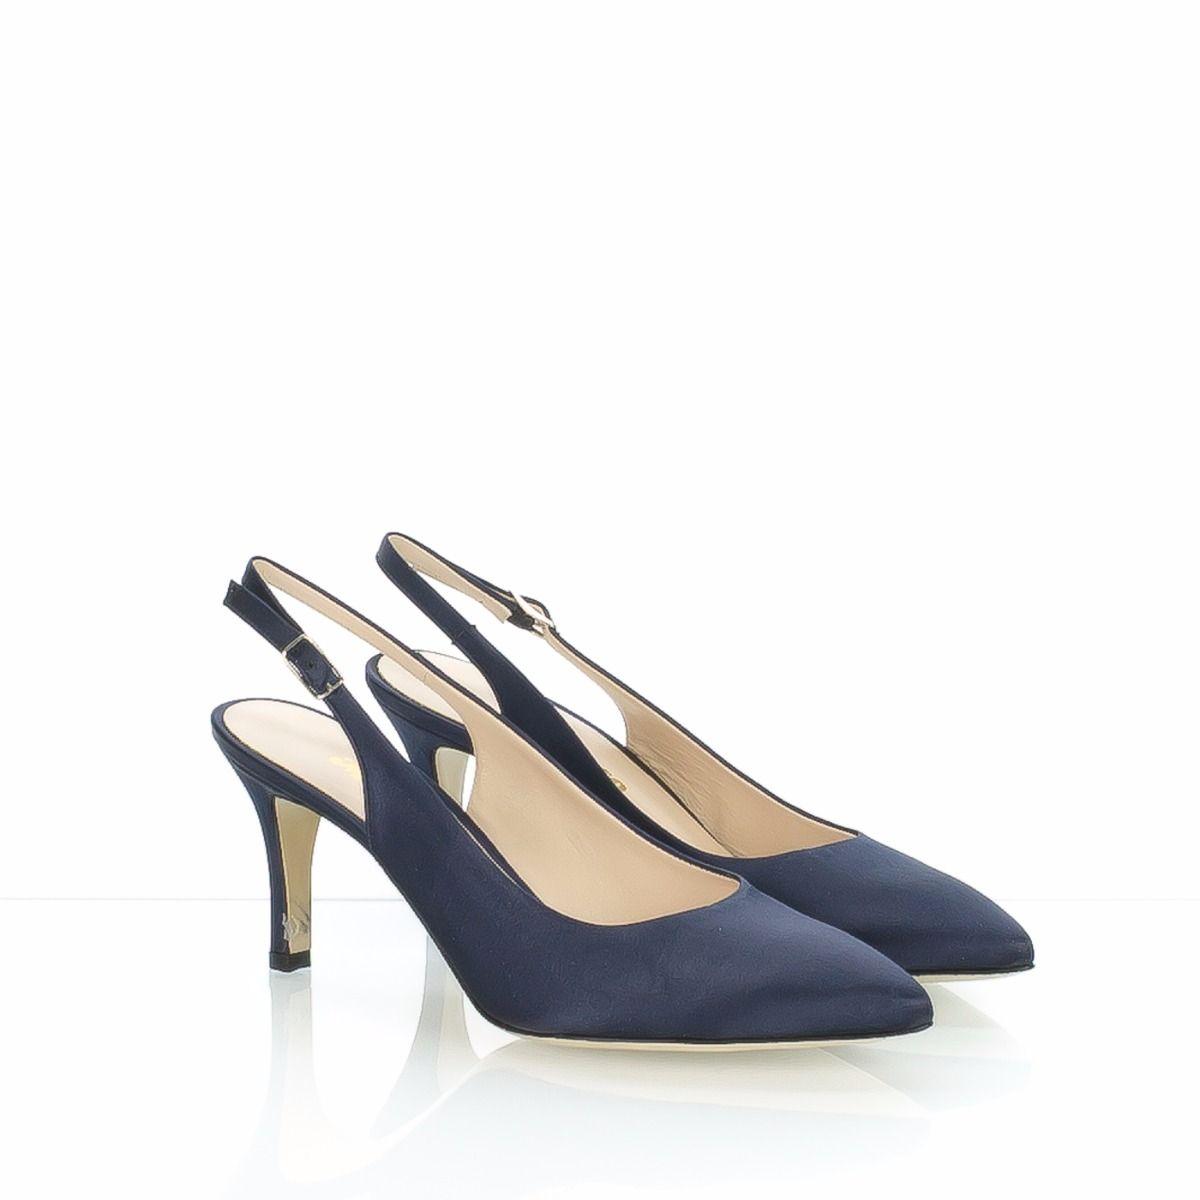 guarda bene le scarpe in vendita stile alla moda saldi SCARPA CHANEL DA DONNA IN RASO BLU DI MELLUSO, ZONA TREVISO